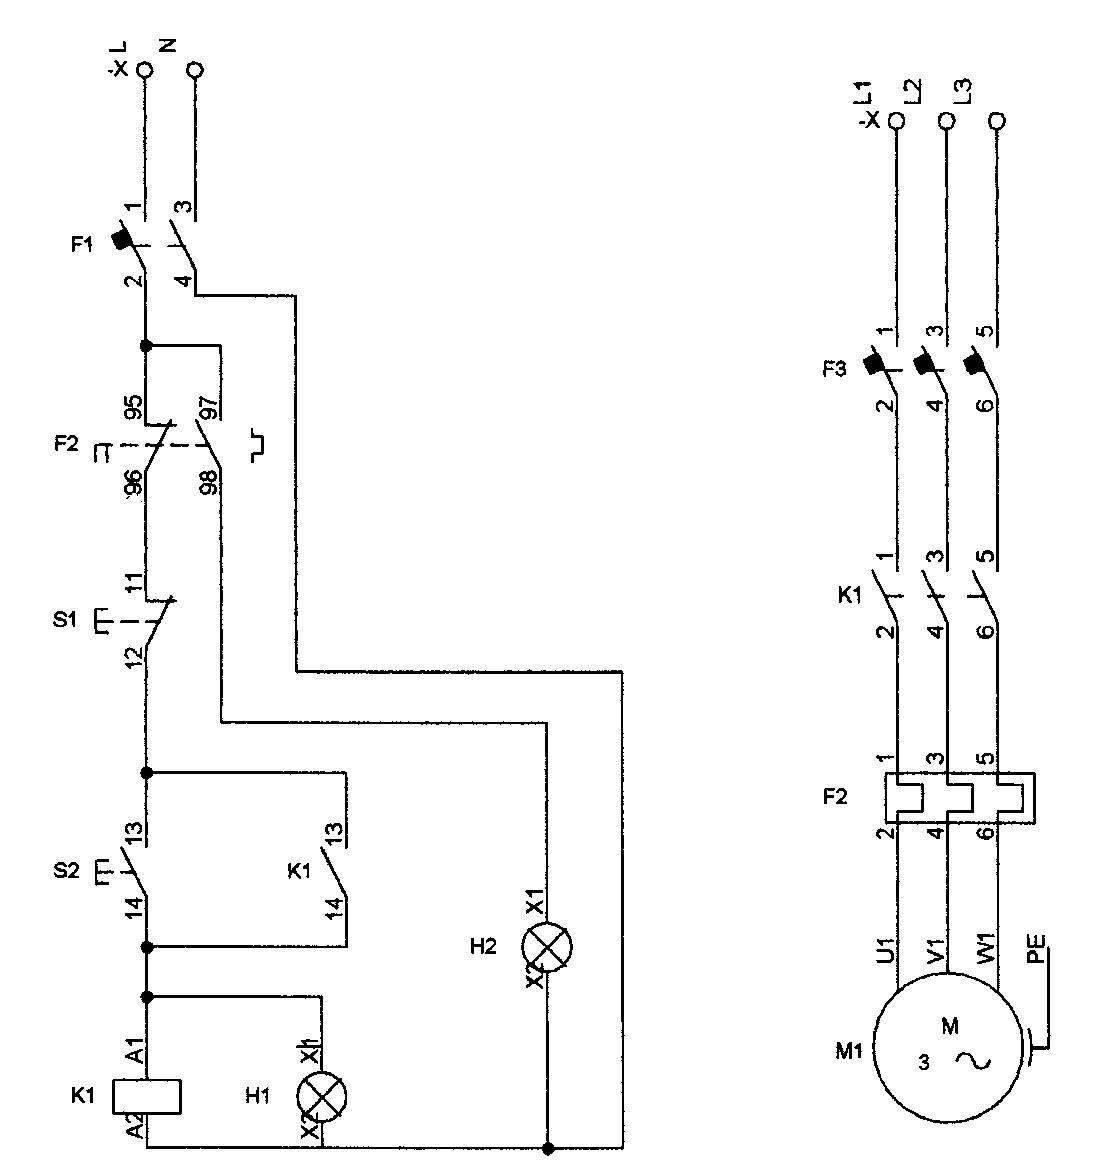 automatismos industriales m1i  protecci u00f3n con rel u00e9 t u00e9rmico